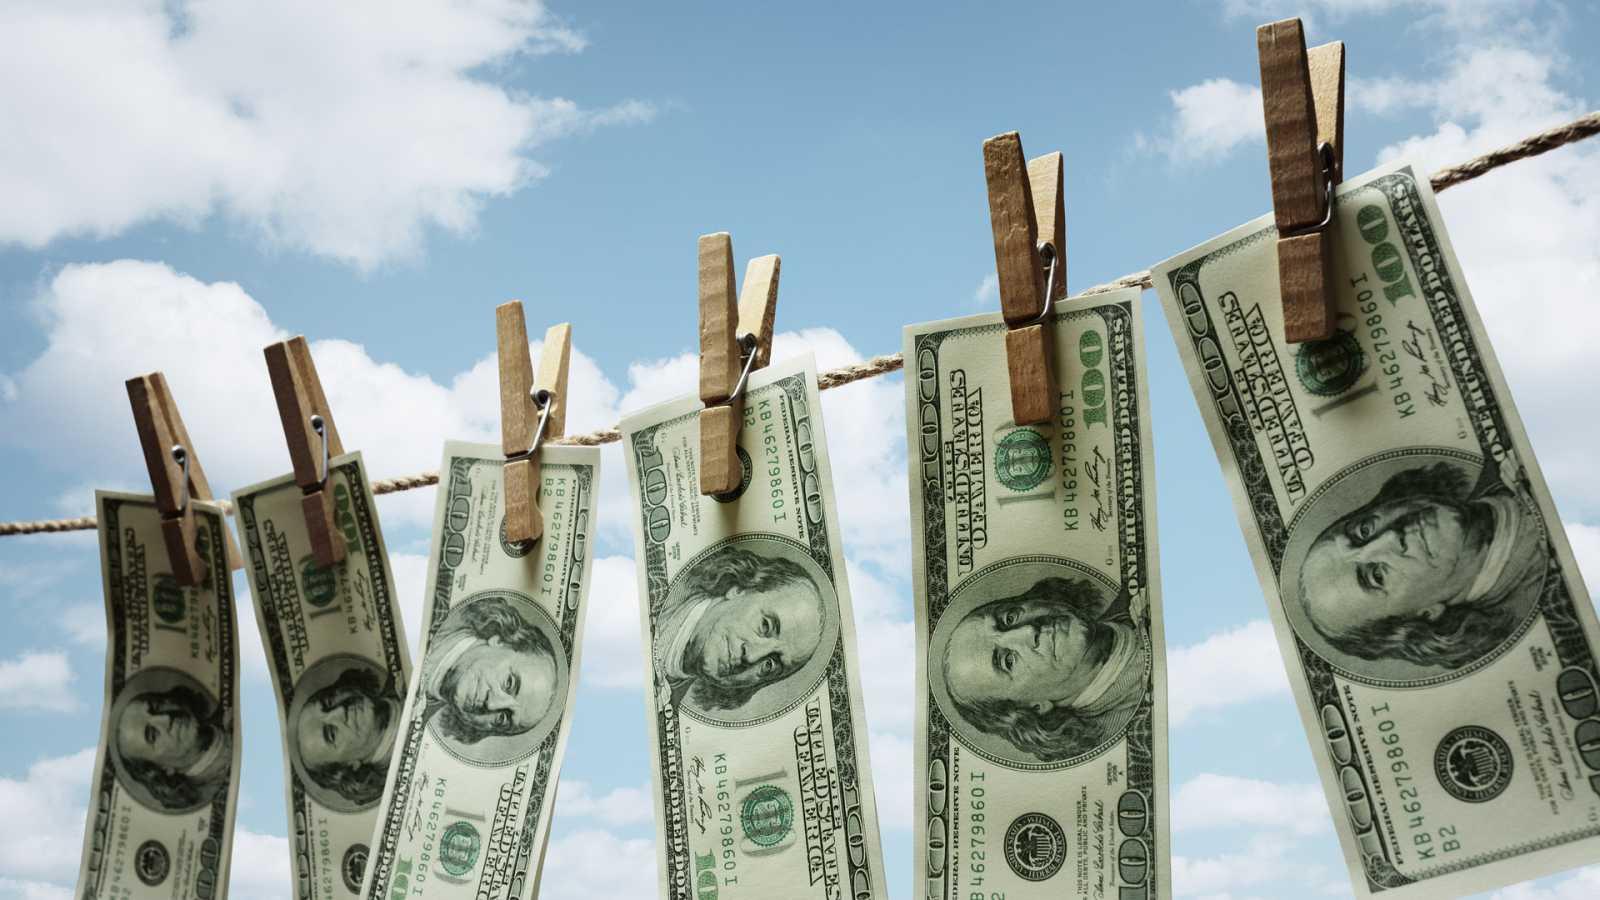 Más cerca - ¿Cómo se previene el blanqueo de capitales? - Escuchar ahora